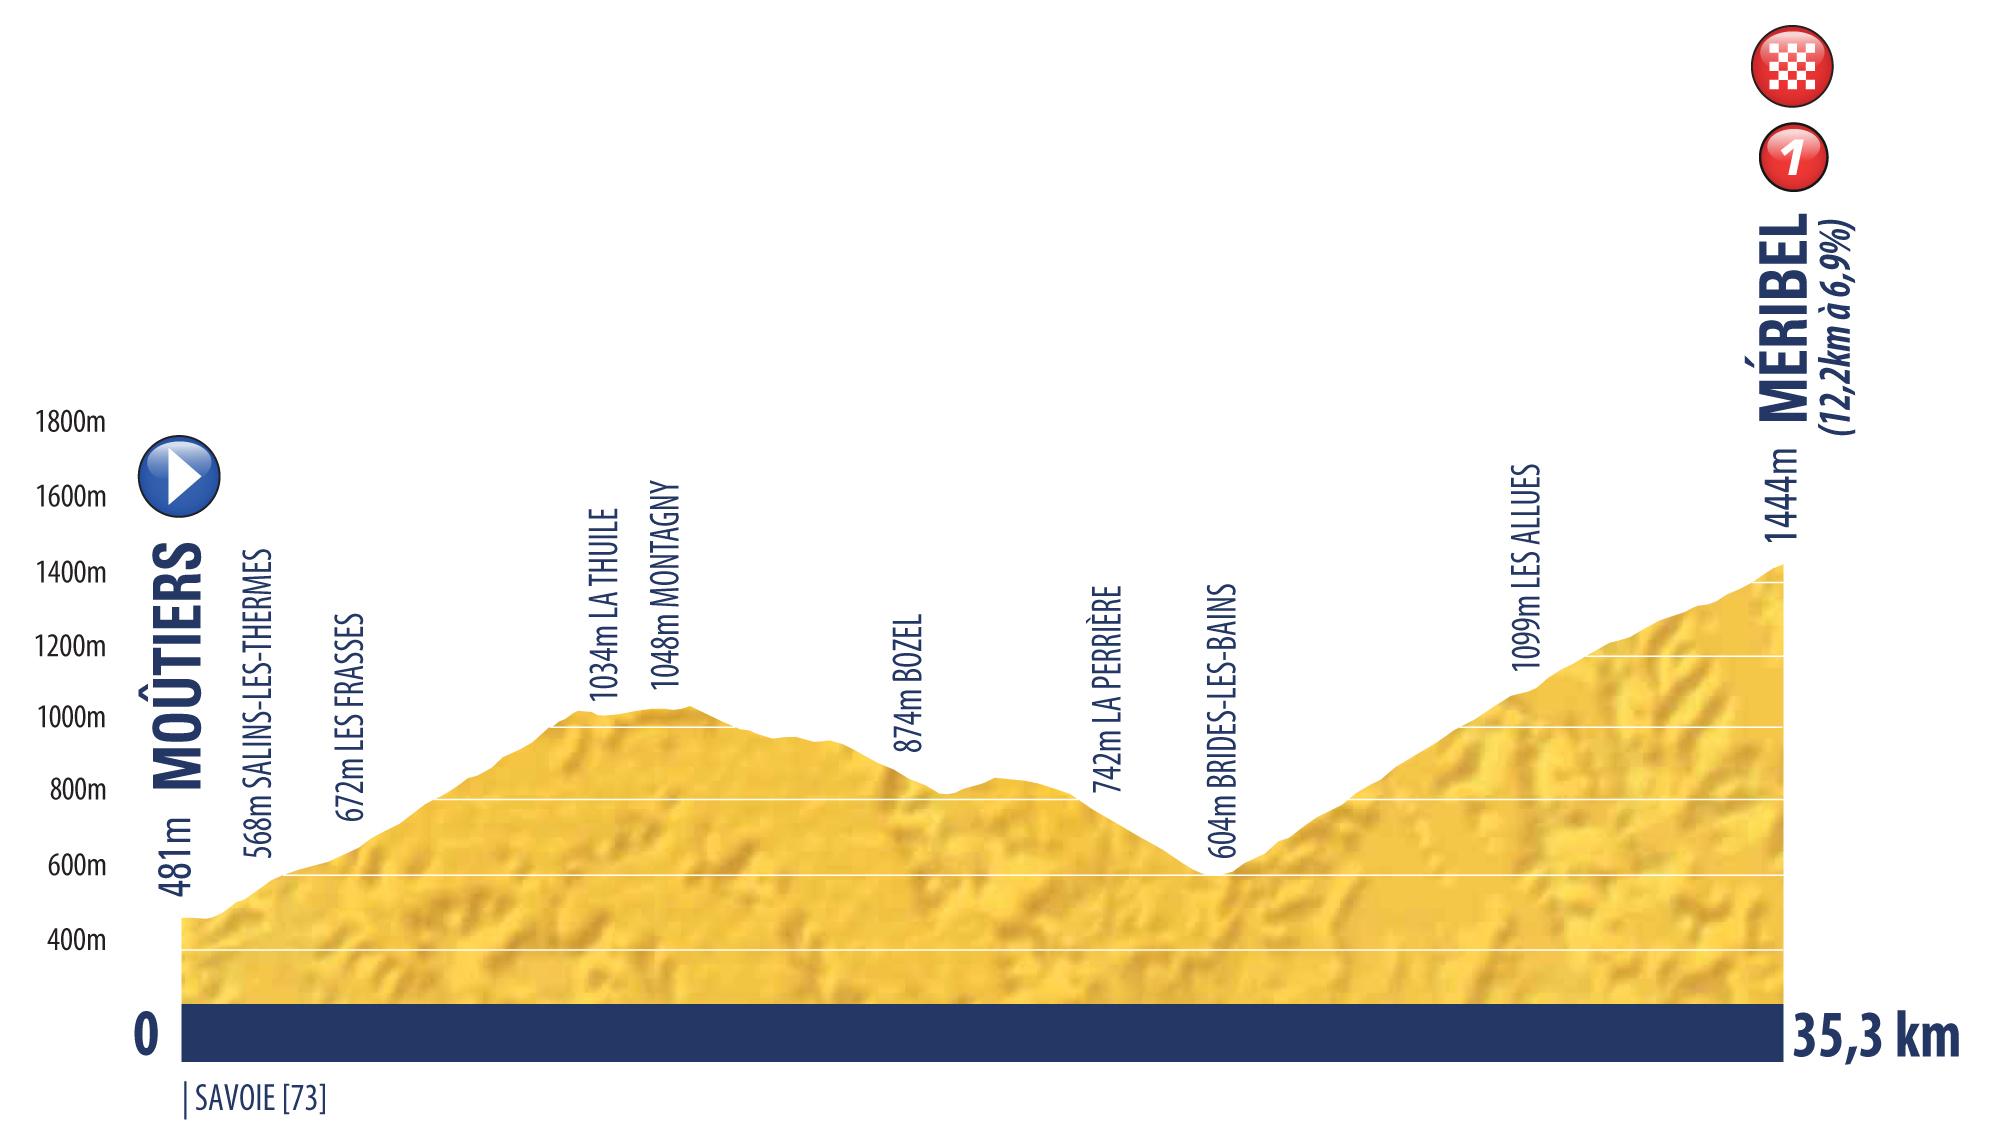 etappe 7 Tour de l'Avenir 2018